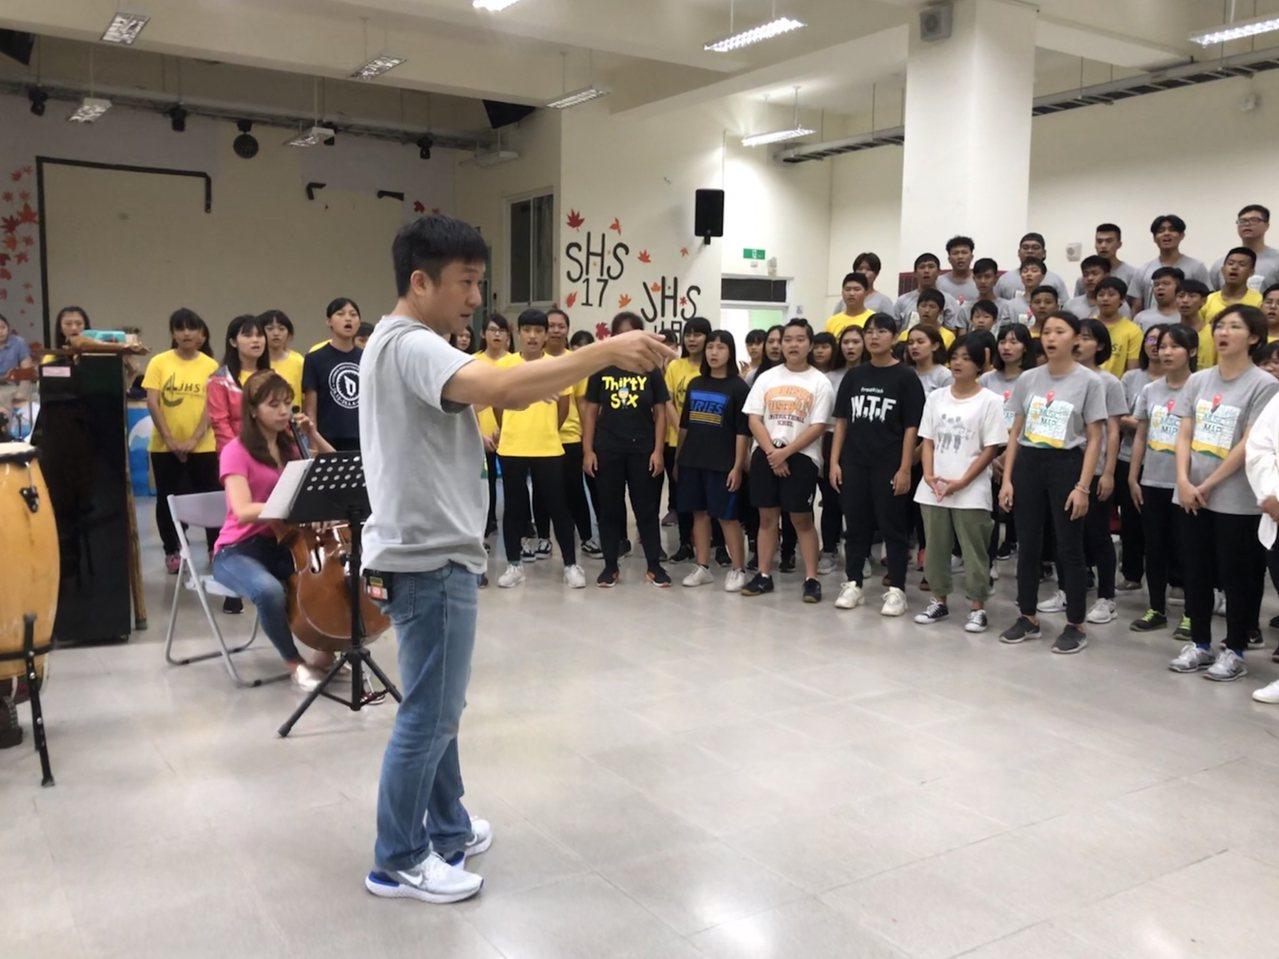 歷經十年蛻變,偏鄉孩子展現優異成績,陳俊志謙稱:「是孩子們用歌聲和表現帶著老師們...